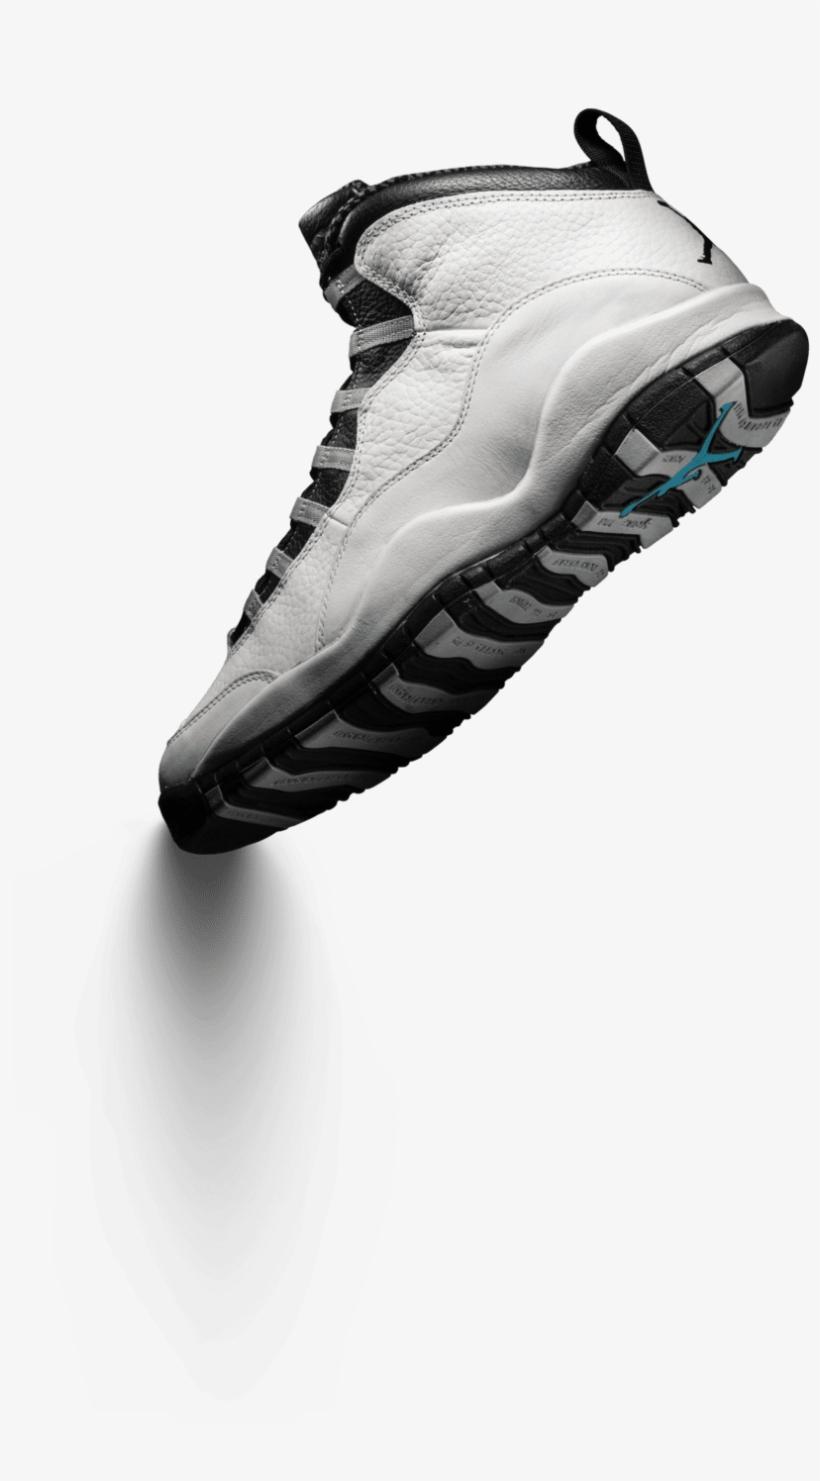 104aba2af1bff4 Air Jordan - Nike Air Jordan I - 1390x1400 PNG Download - PNGkit